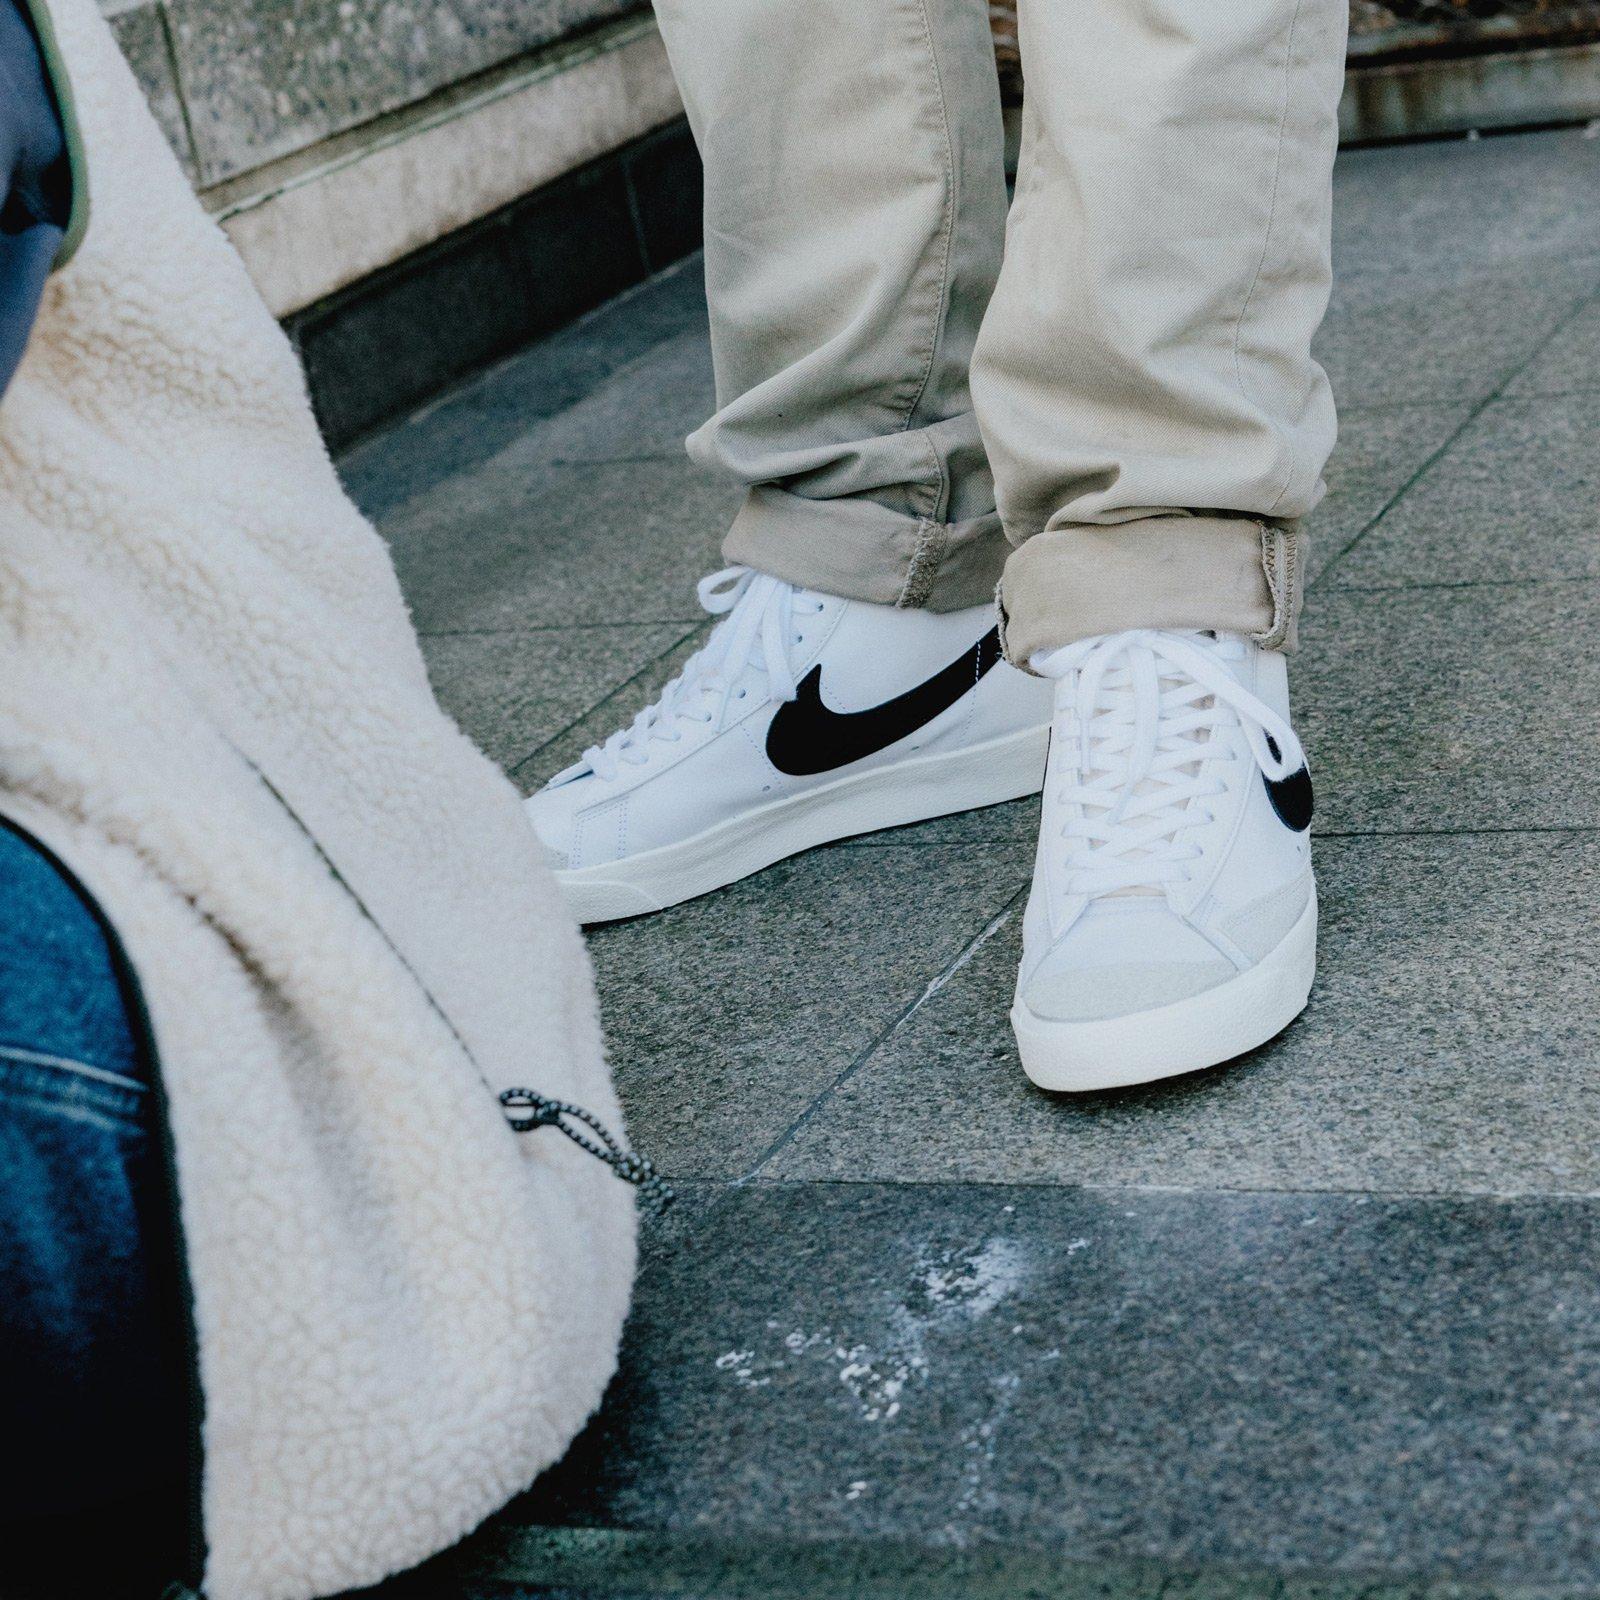 Nike Blazer Mid 77 VNTG - Bq6806-100